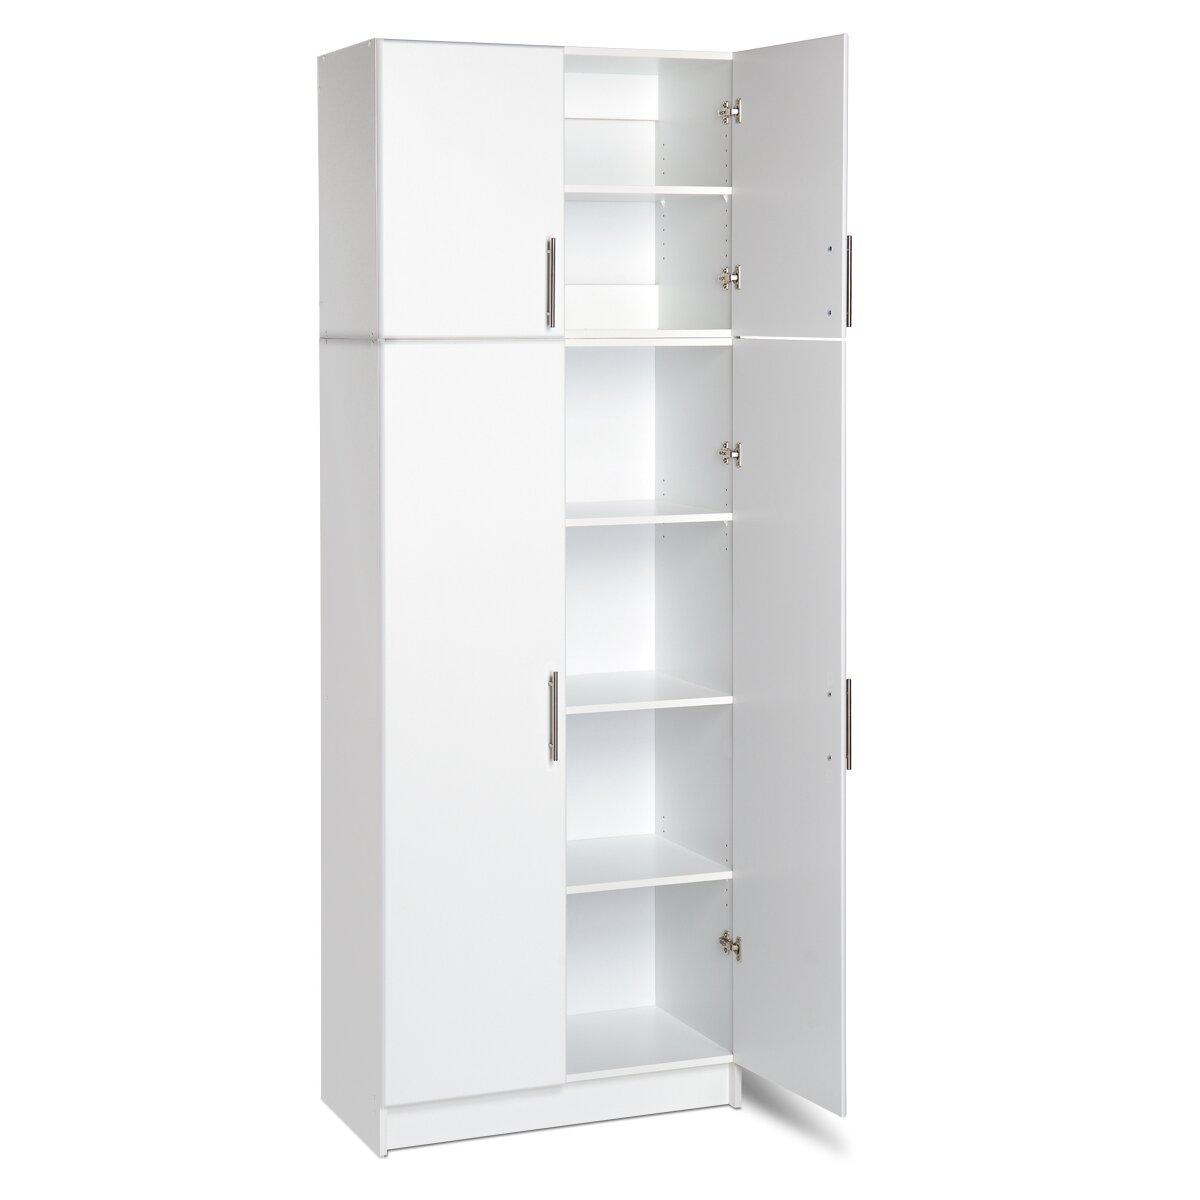 Prepac Elite Storage 65 Quot H X 32 Quot W X 16 Quot D White Storage